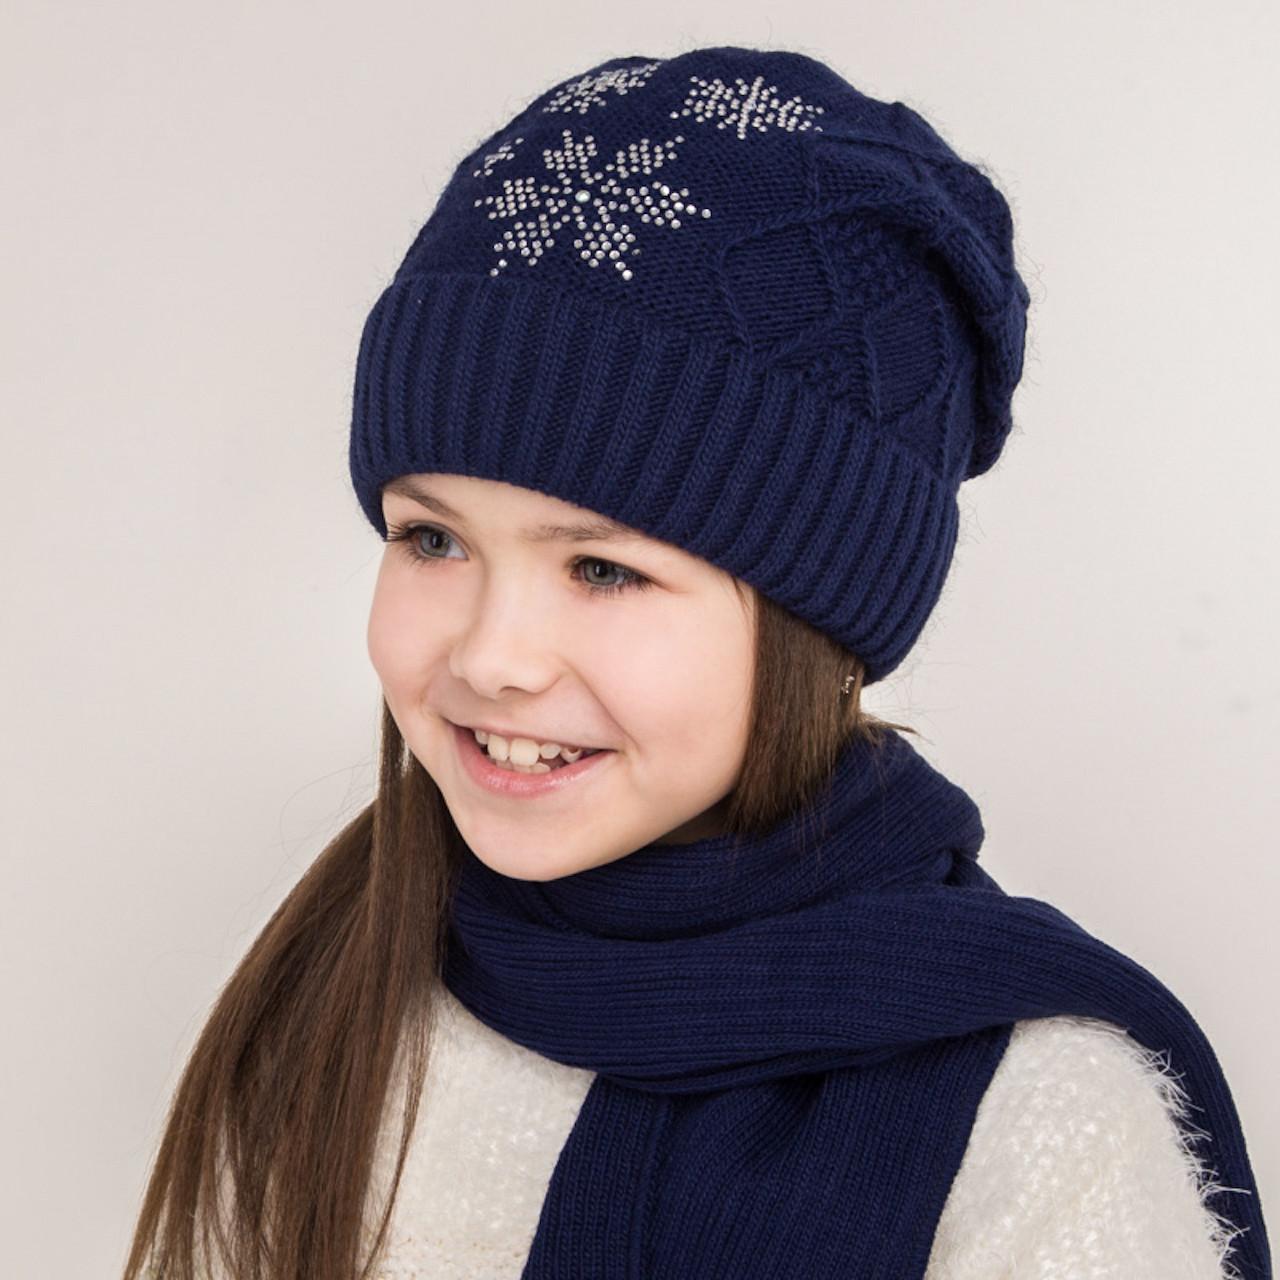 Комплект для девочки из шапки и хомута - Снежинки - Артикул 0863